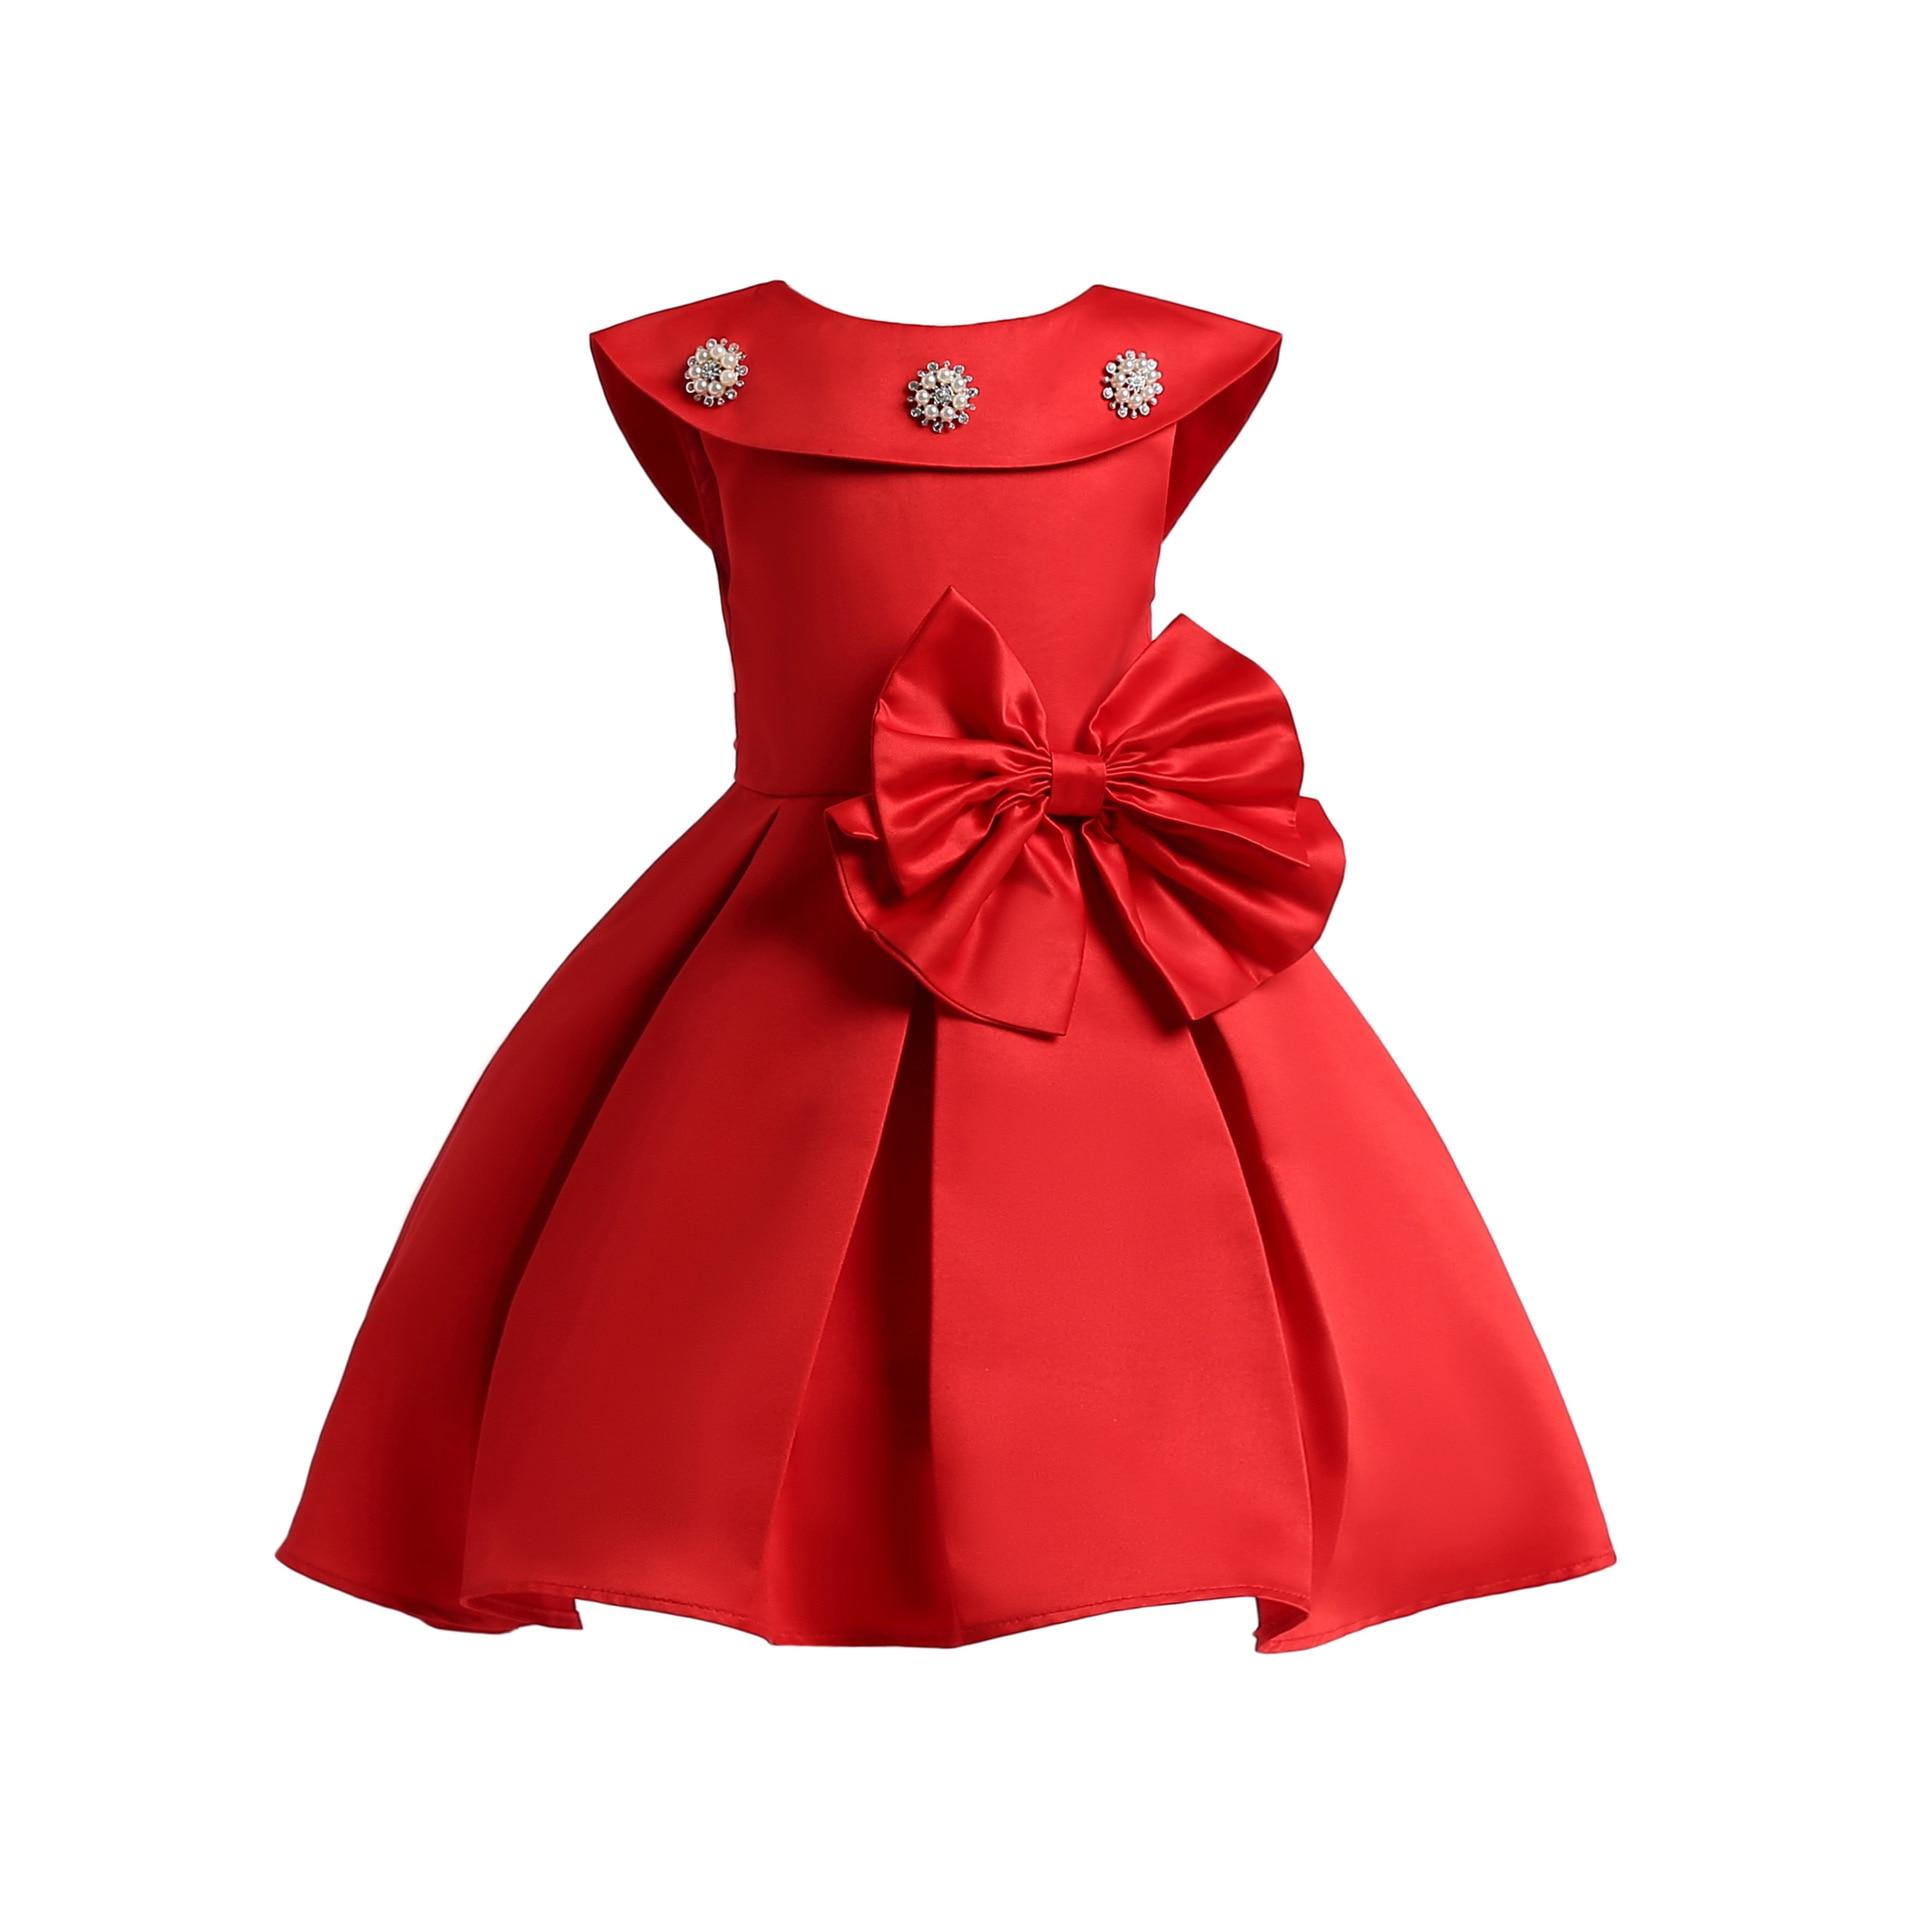 30b7fdb829a28 Girls dress children's clothing girls dress children's princess ...